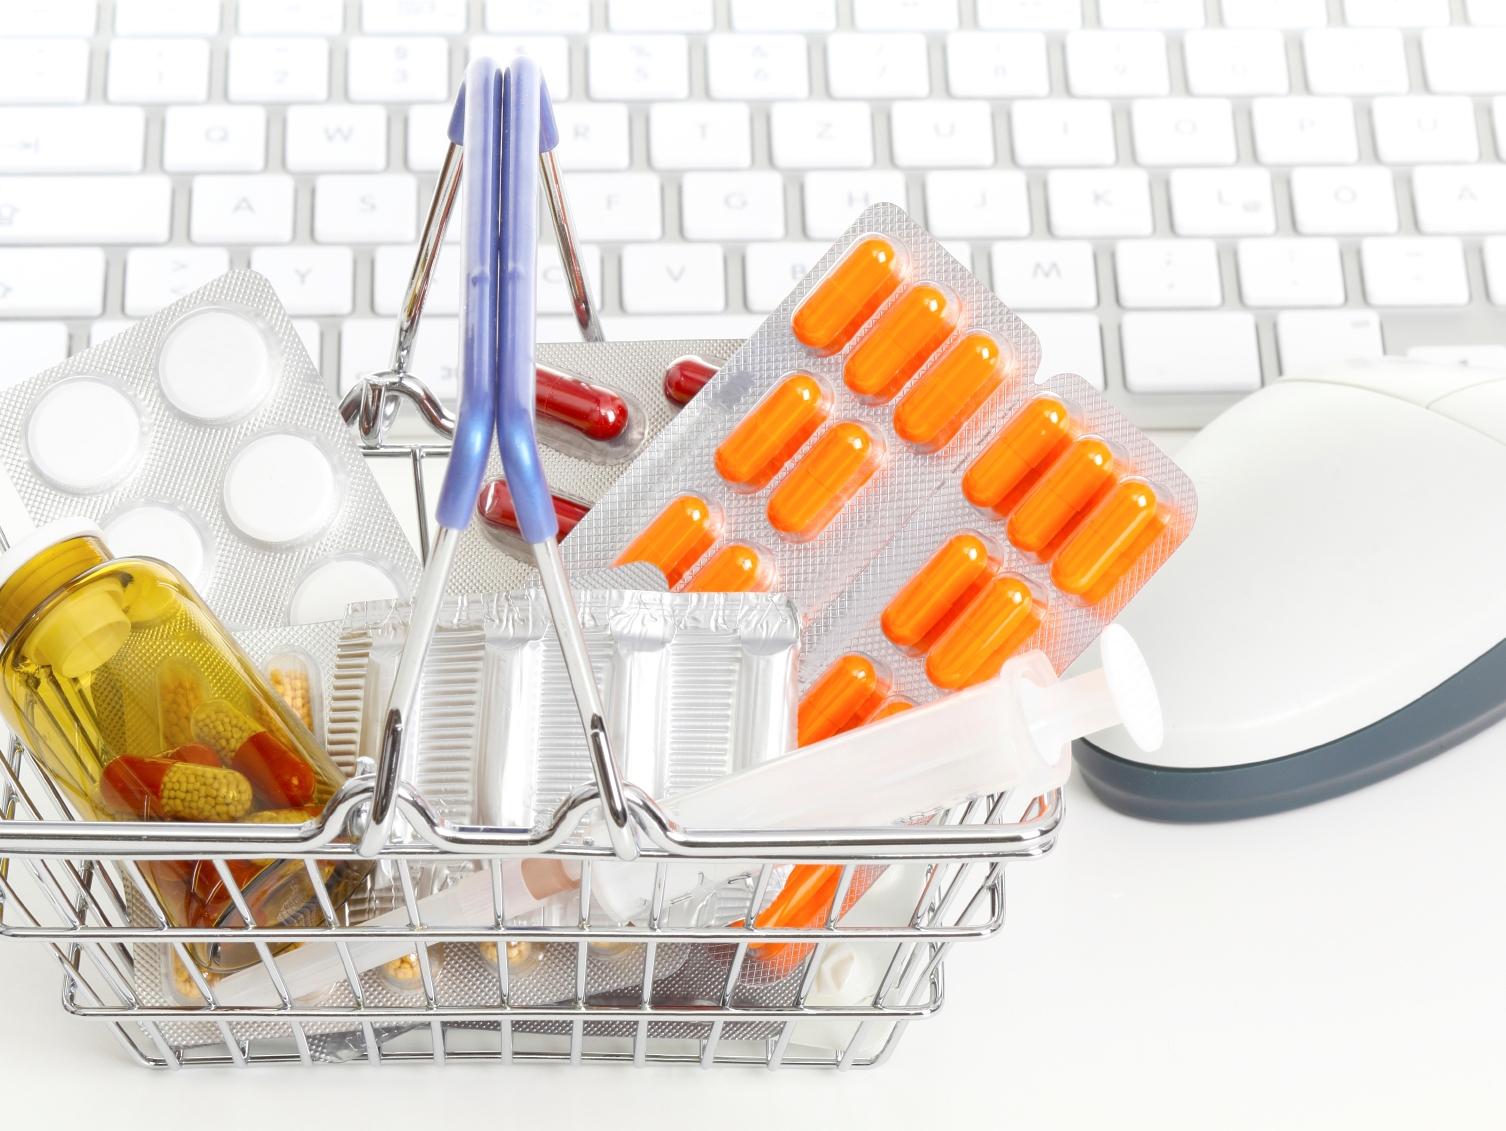 wpc_oct_2012_4b_online_pharmacies.jpg